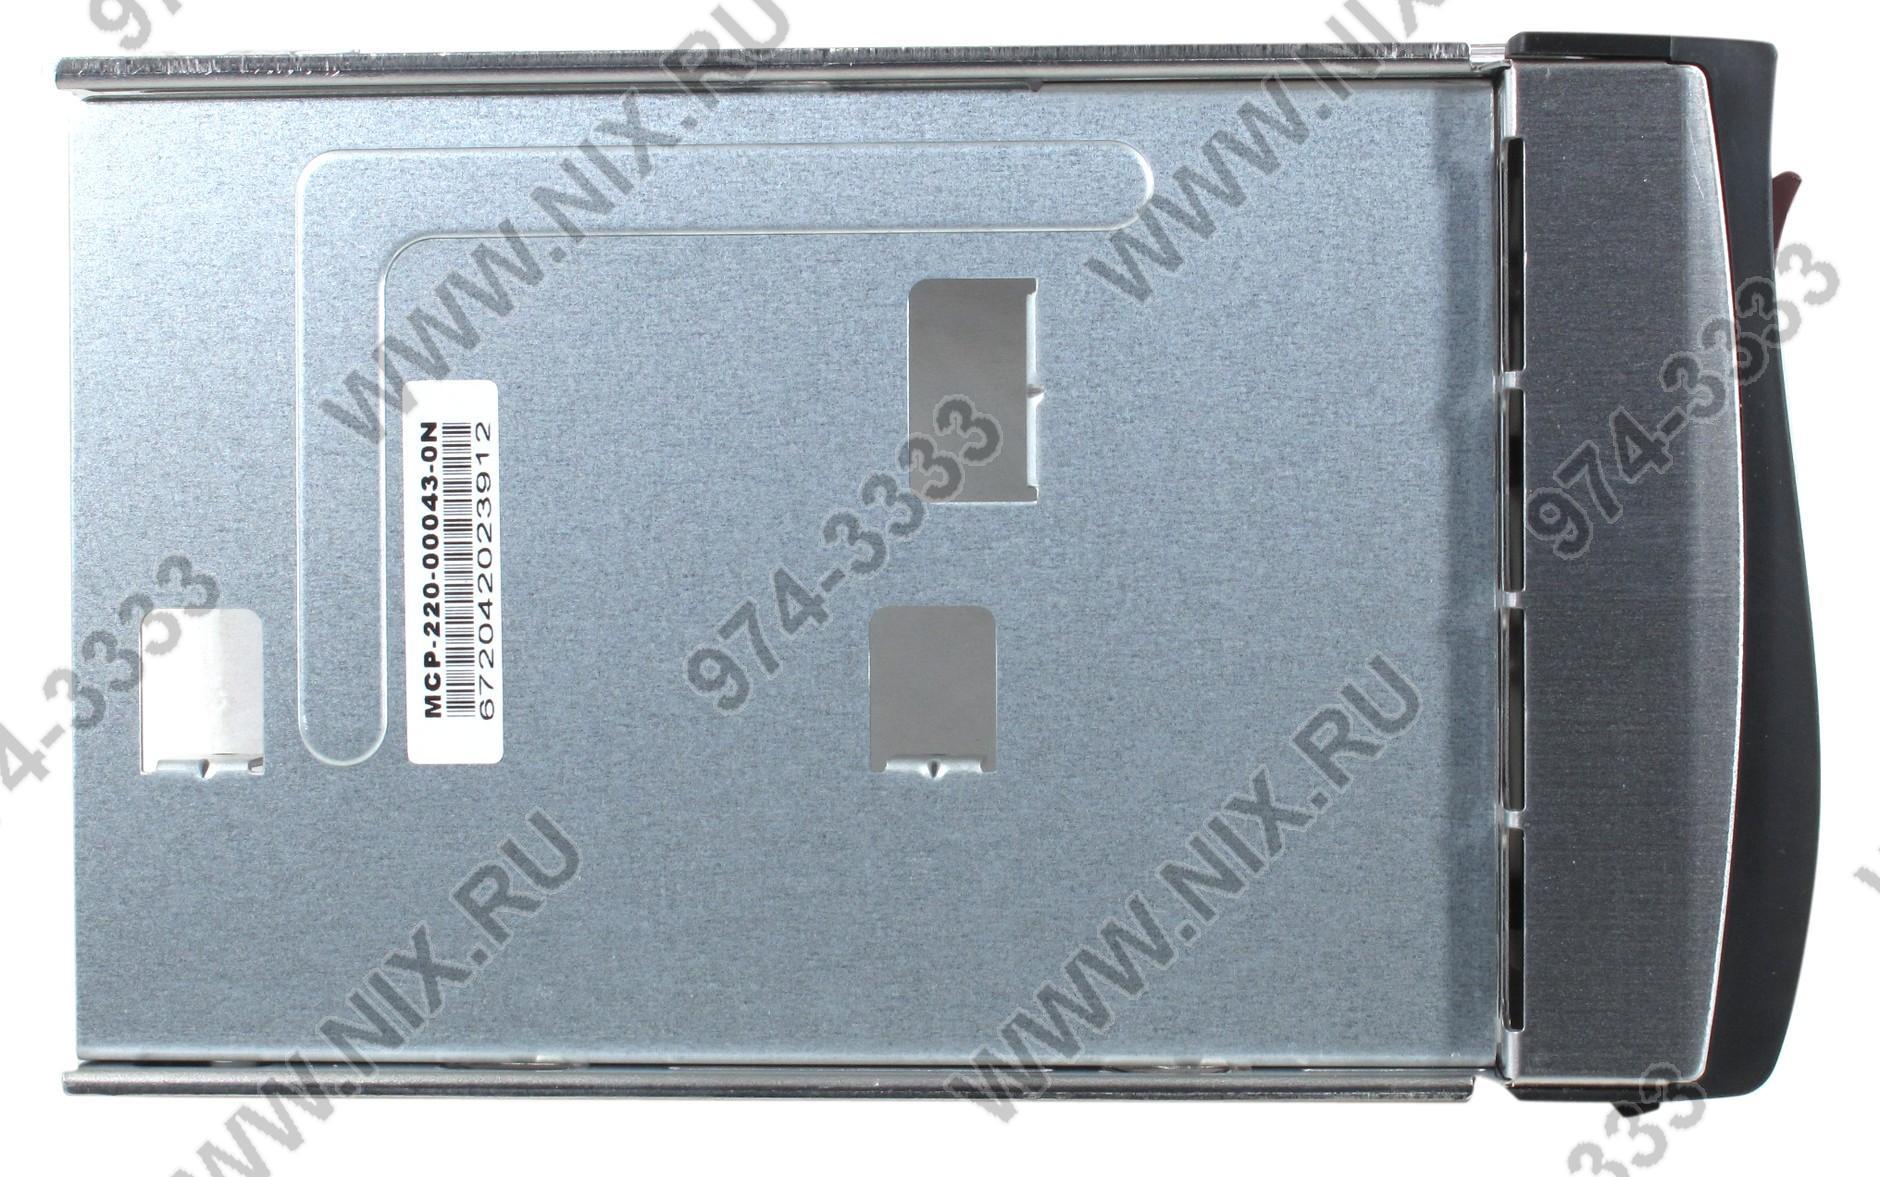 Отлично. SuperMicro MCP-220-00043-0N набор для установки HDD 2.5 SAT